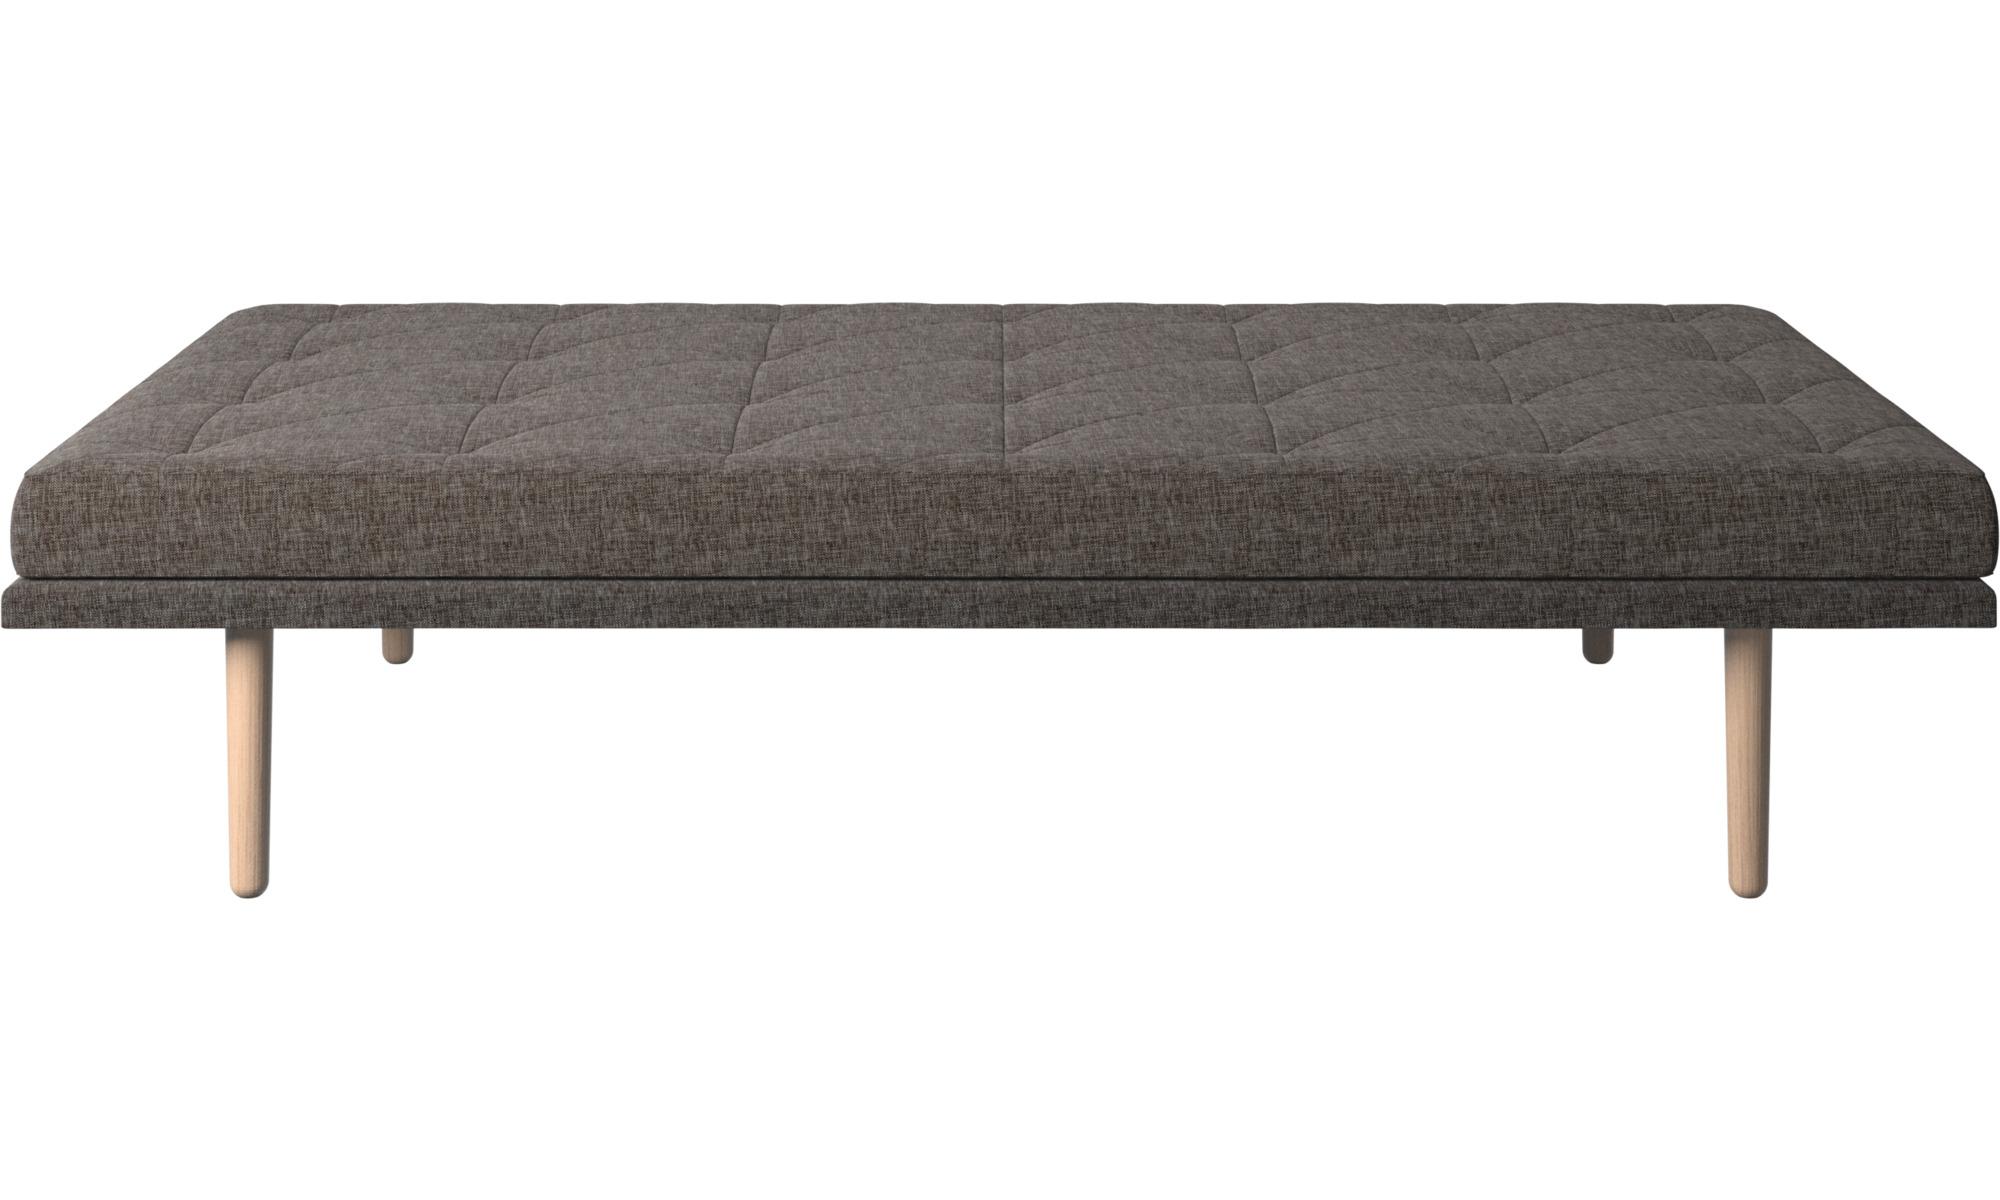 Divanes - Sofá-cama fusion - En marrón - Tela